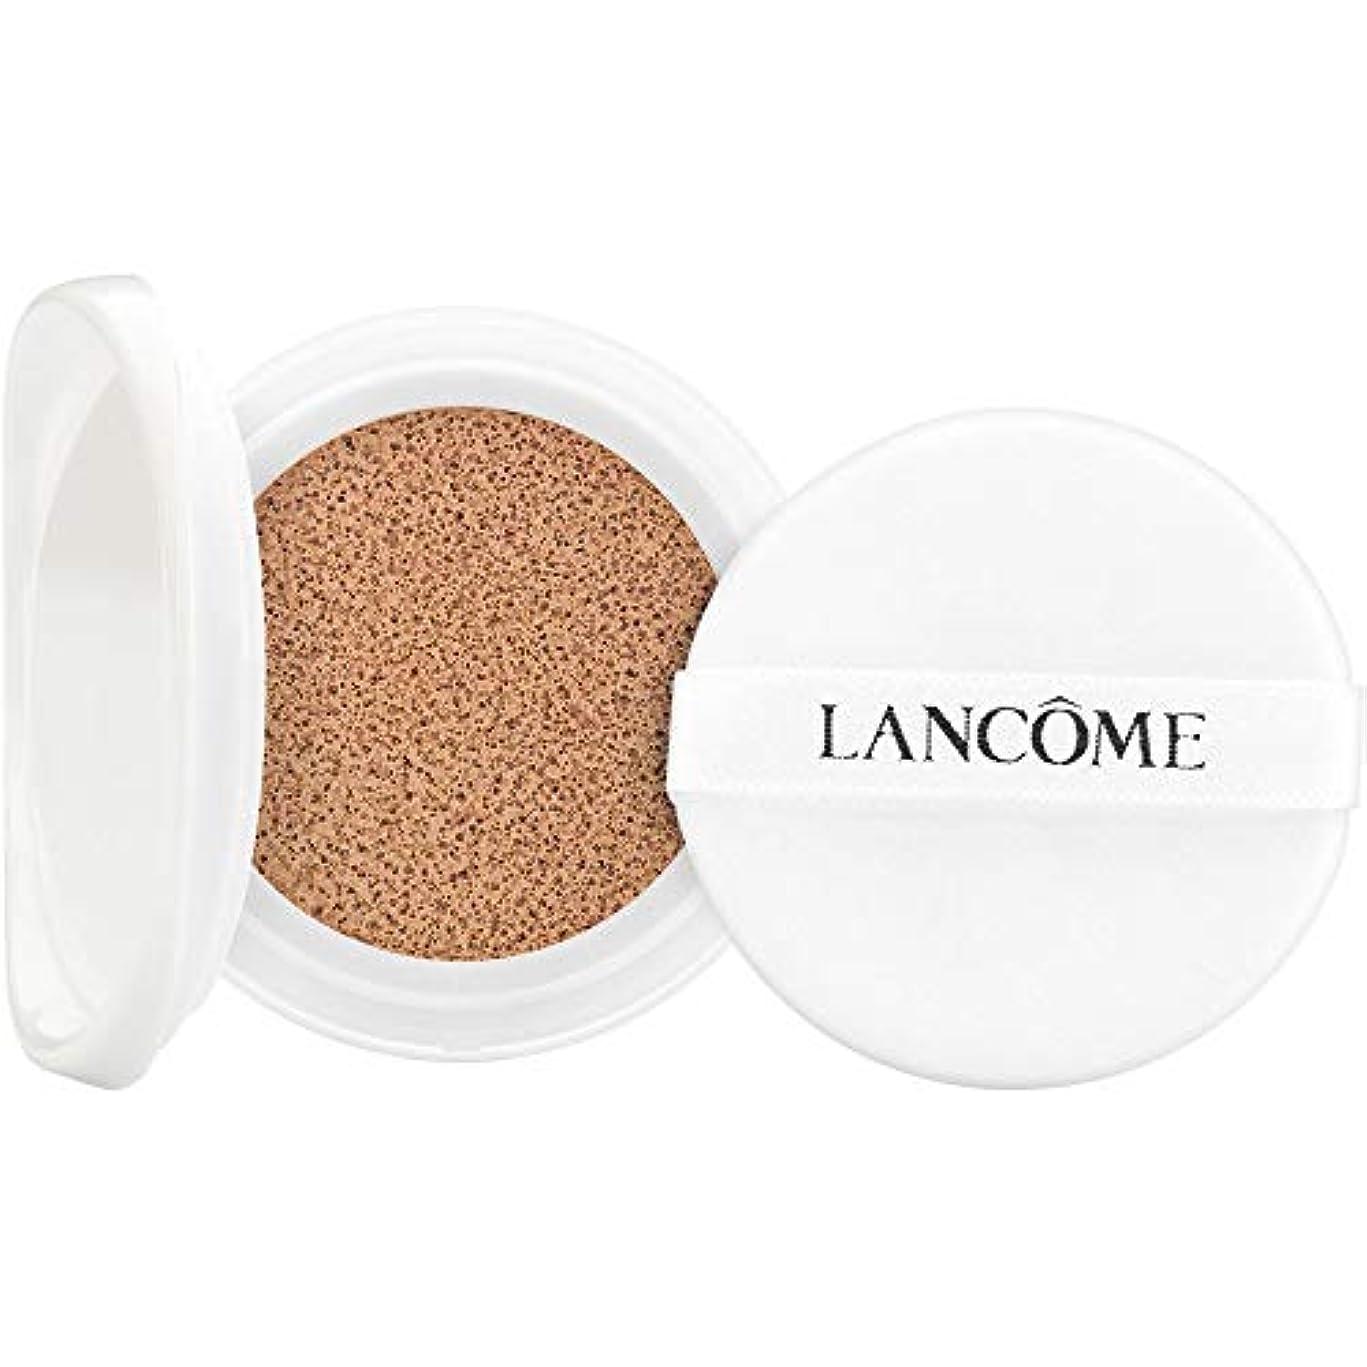 ボクシングハーフタック[Lanc?me] ランコムの奇跡クッション液体クッションコンパクトSpf23 - リフィル14グラム035 - ベージュDore - Lancome Miracle Cushion Liquid Cushion Compact...